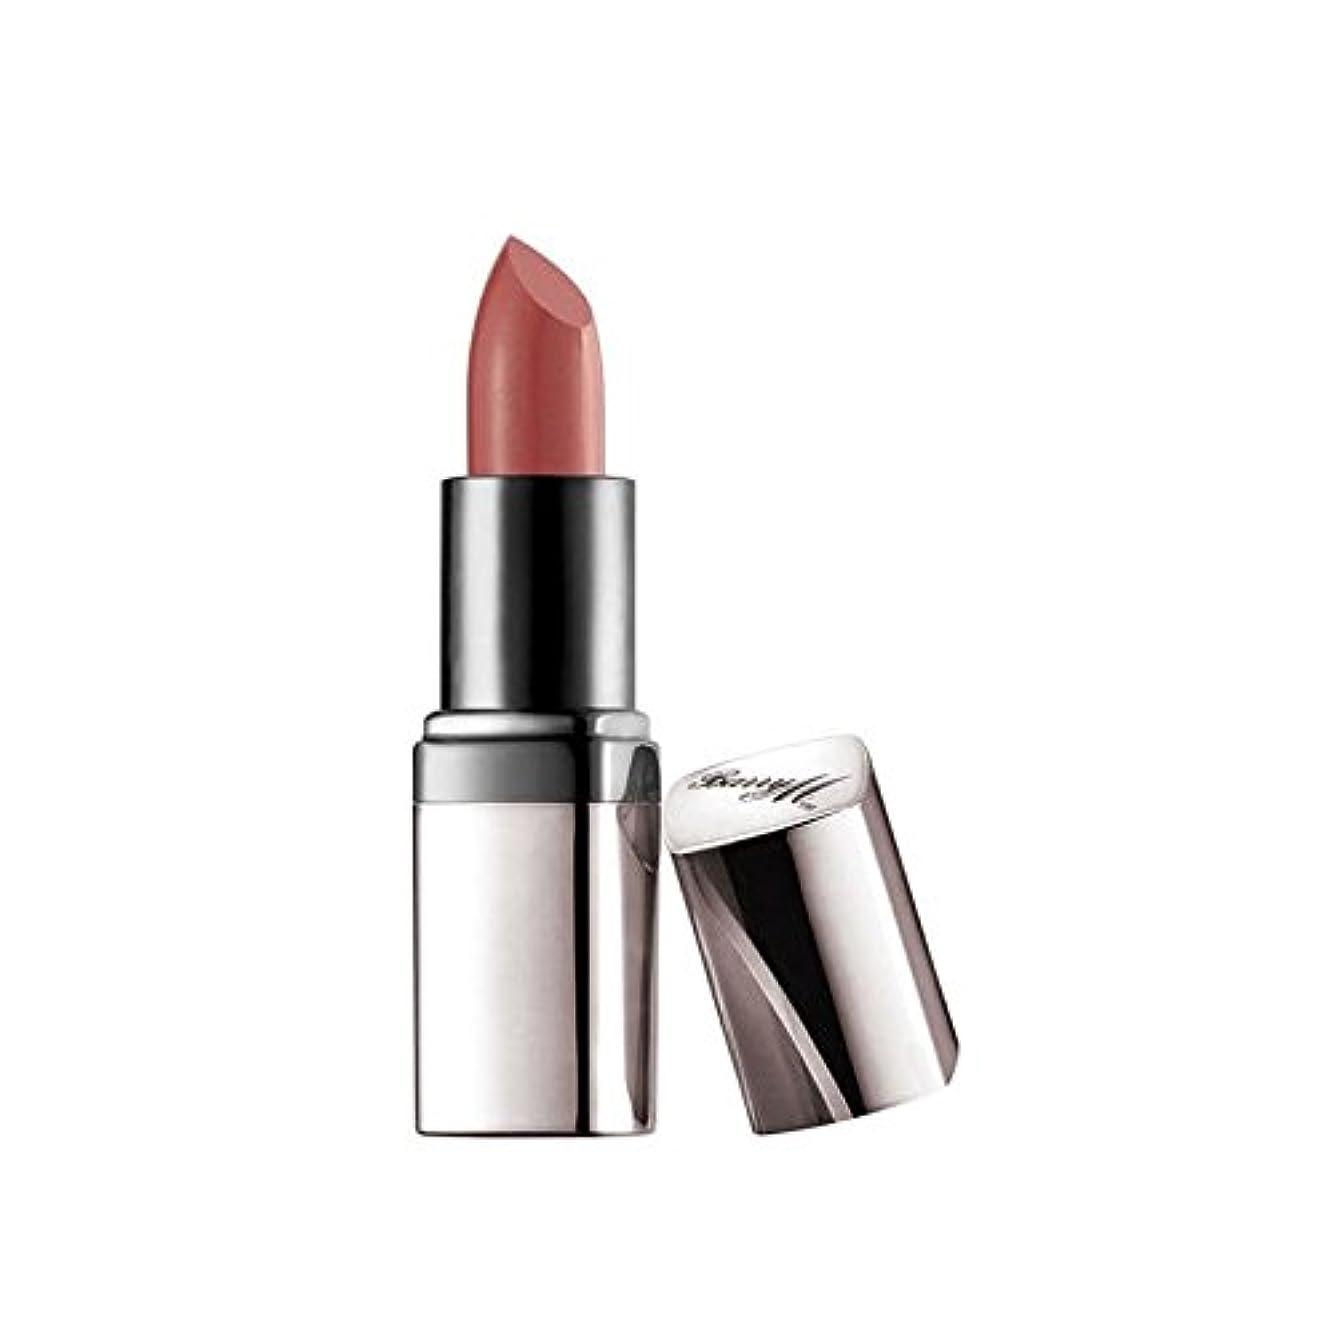 効率的ポジティブインフルエンザバリーメートルサテン超滑らかなリップペイント - x4 - Barry M Satin Super Slick Lip Paint - Nuditude (Pack of 4) [並行輸入品]